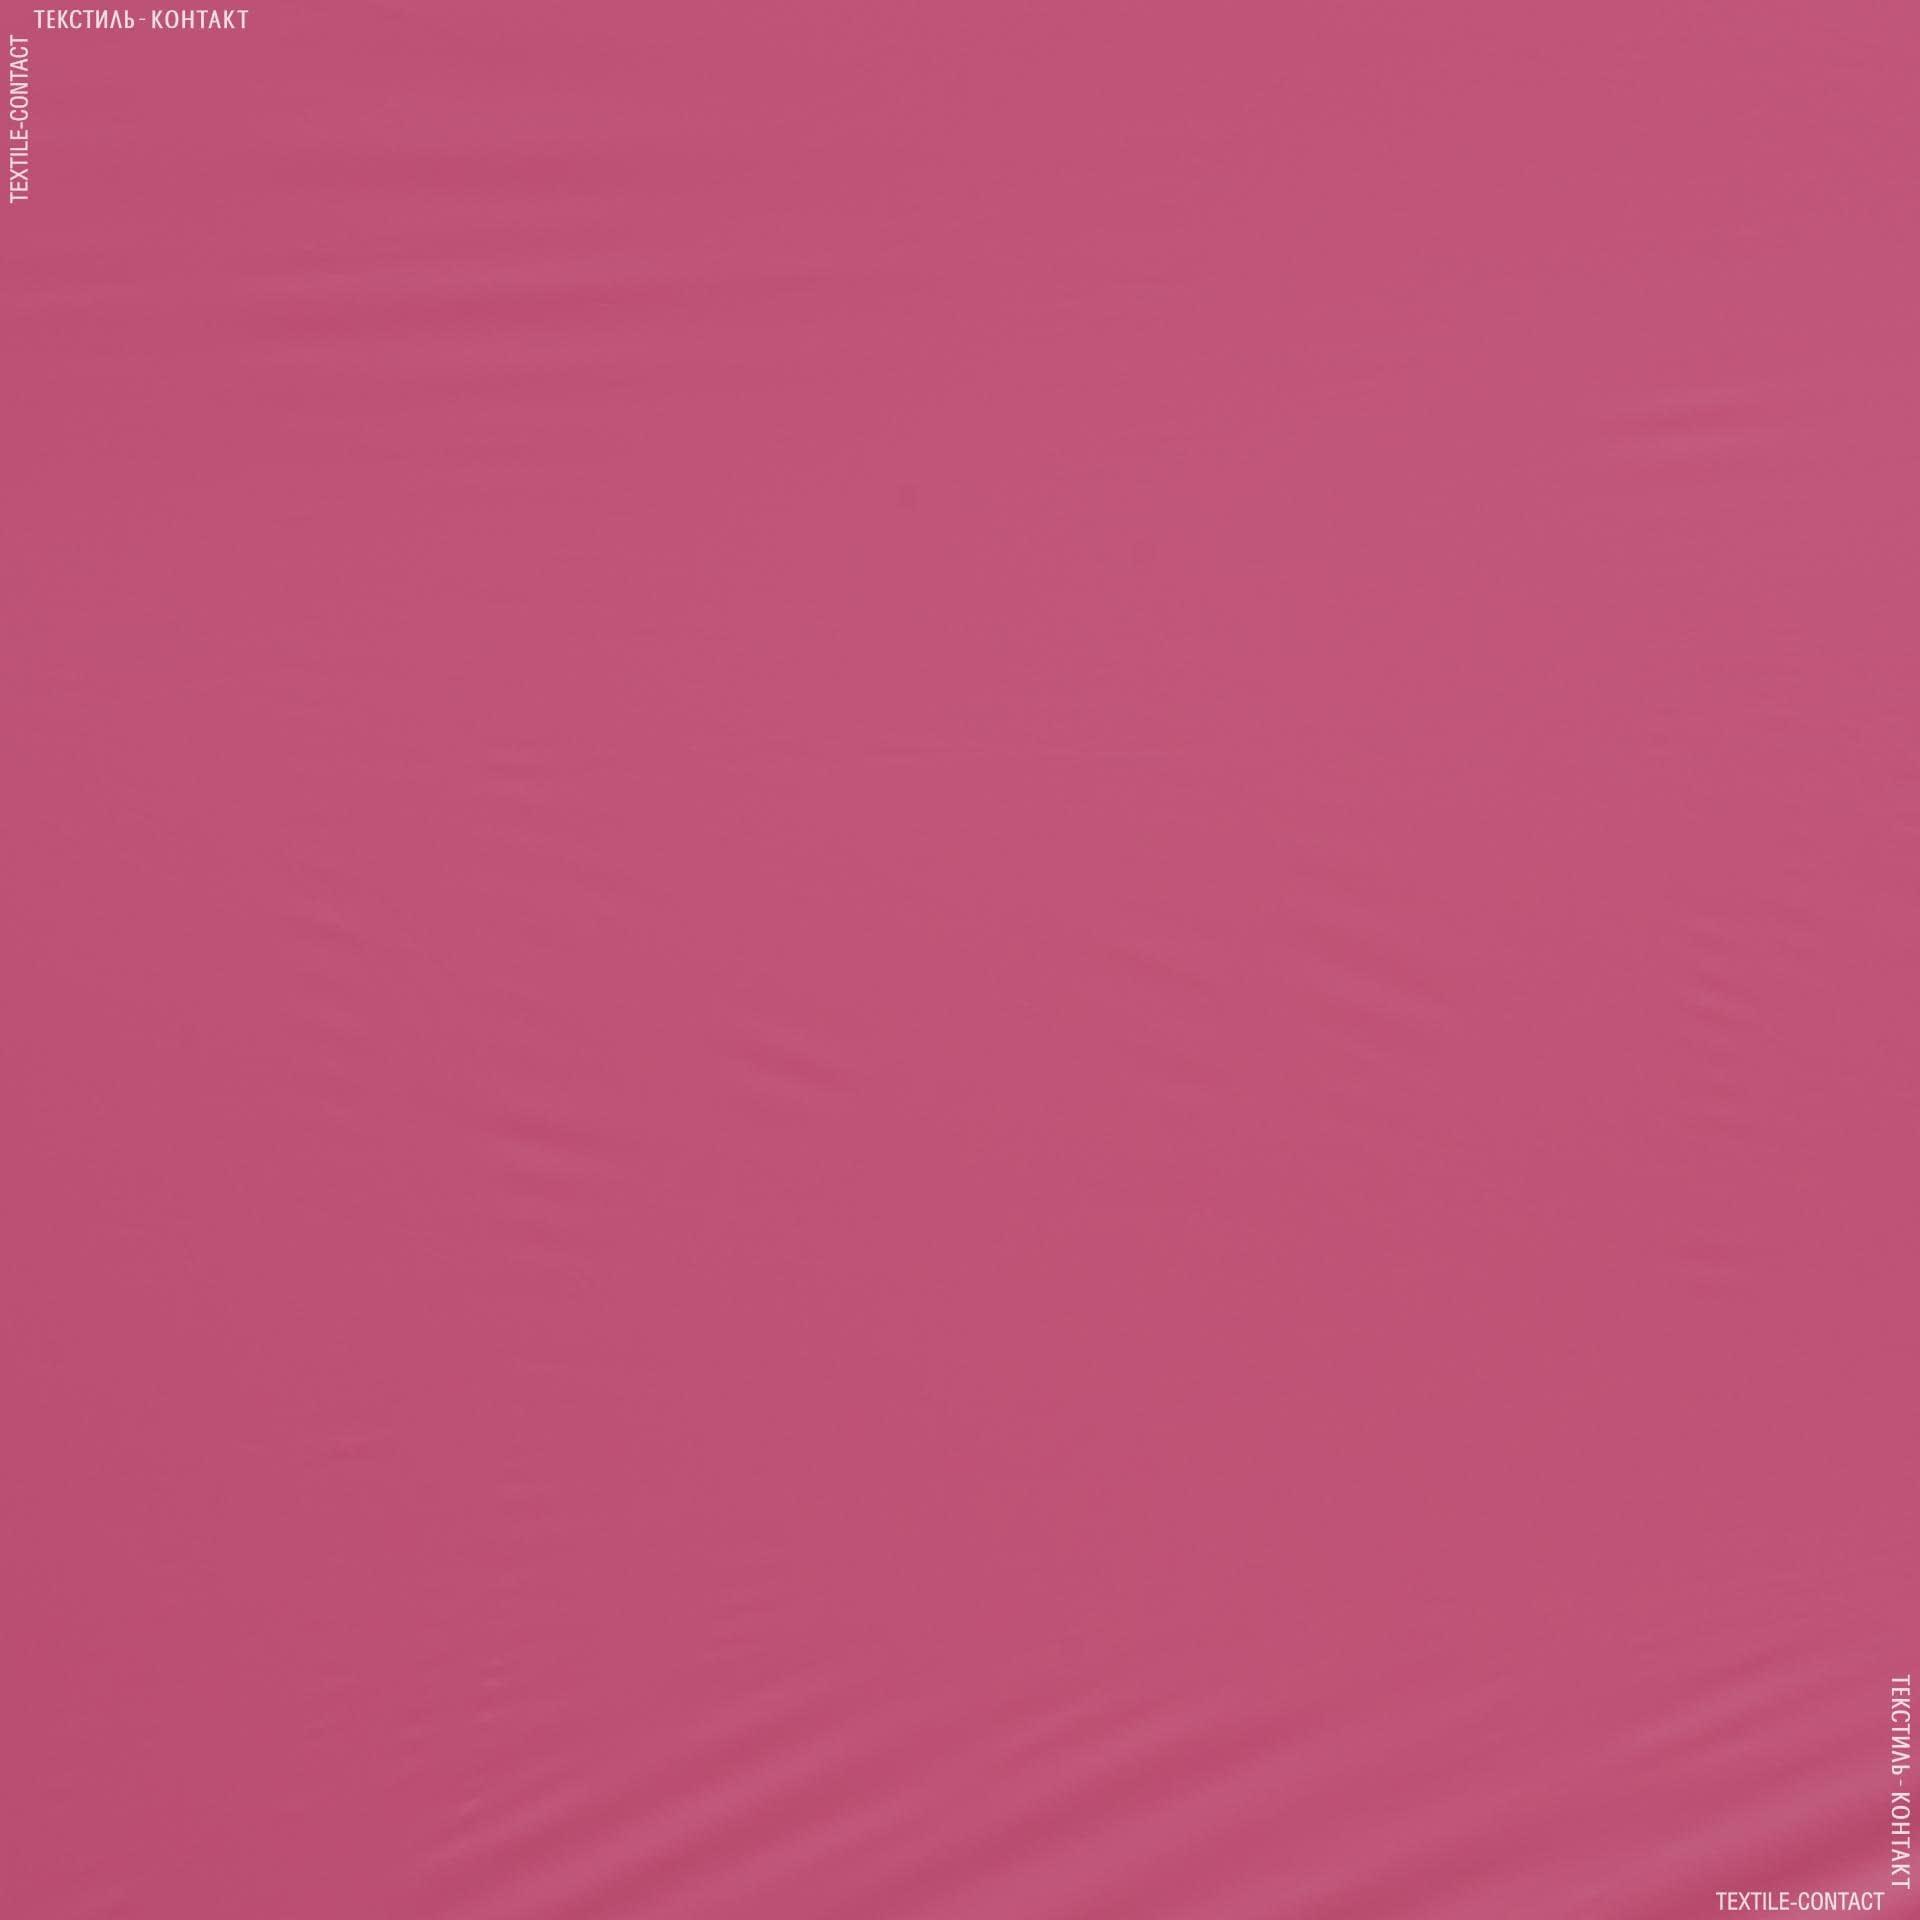 Ткани для экстерьера - Плащевая лаке нейлон малиновый